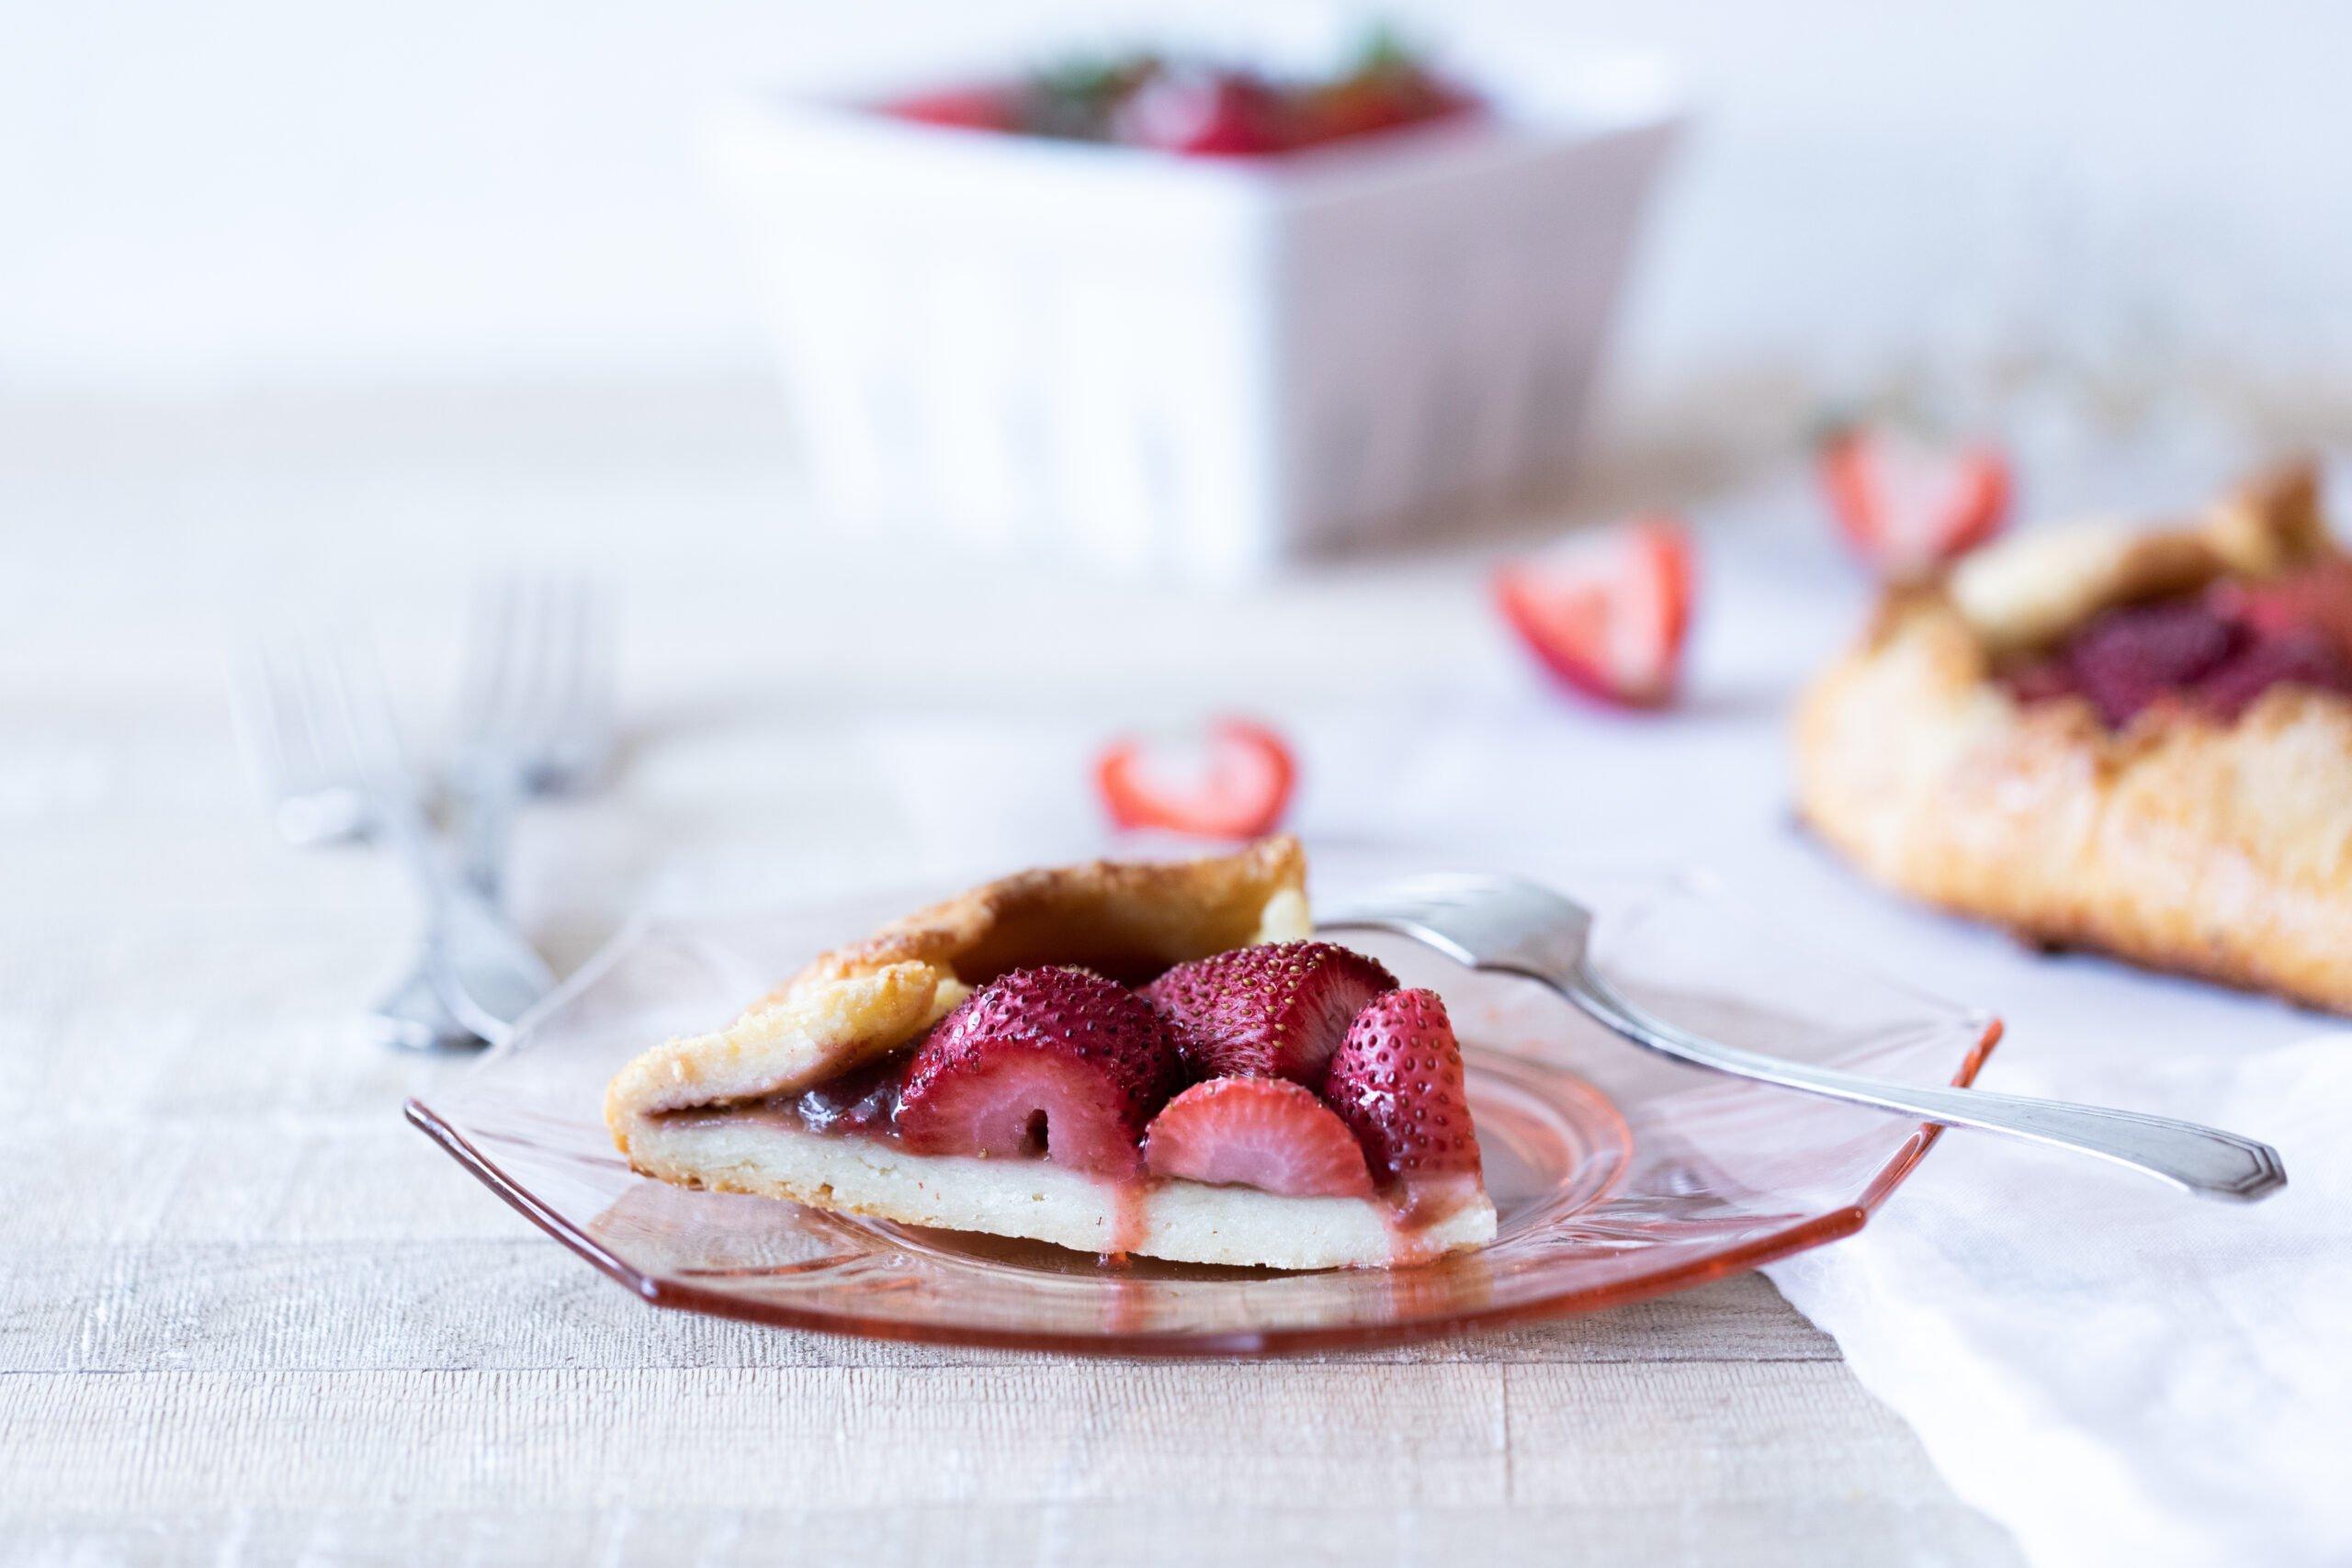 Gluten-free strawberry galette